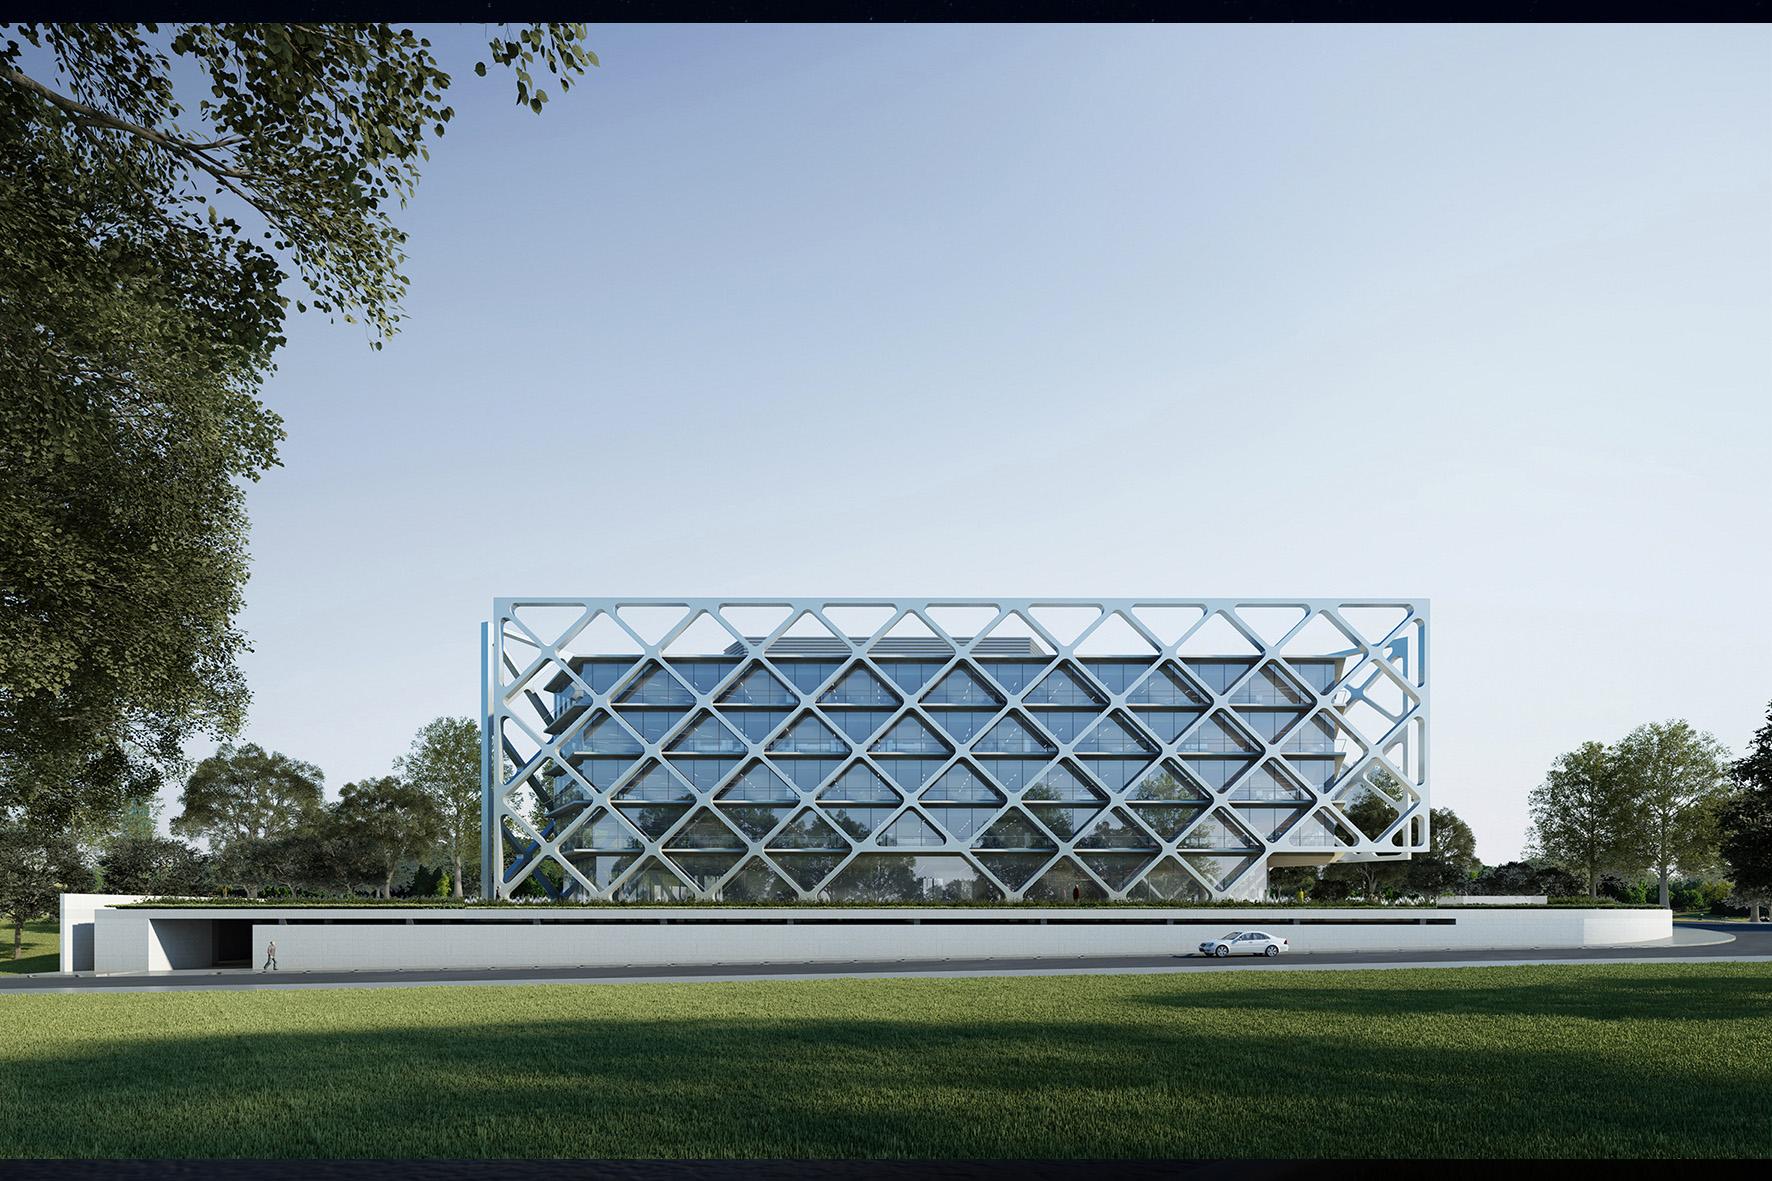 Estudio arquitectura contemporanea madrid arquitectura for Fachadas contemporaneas de edificios